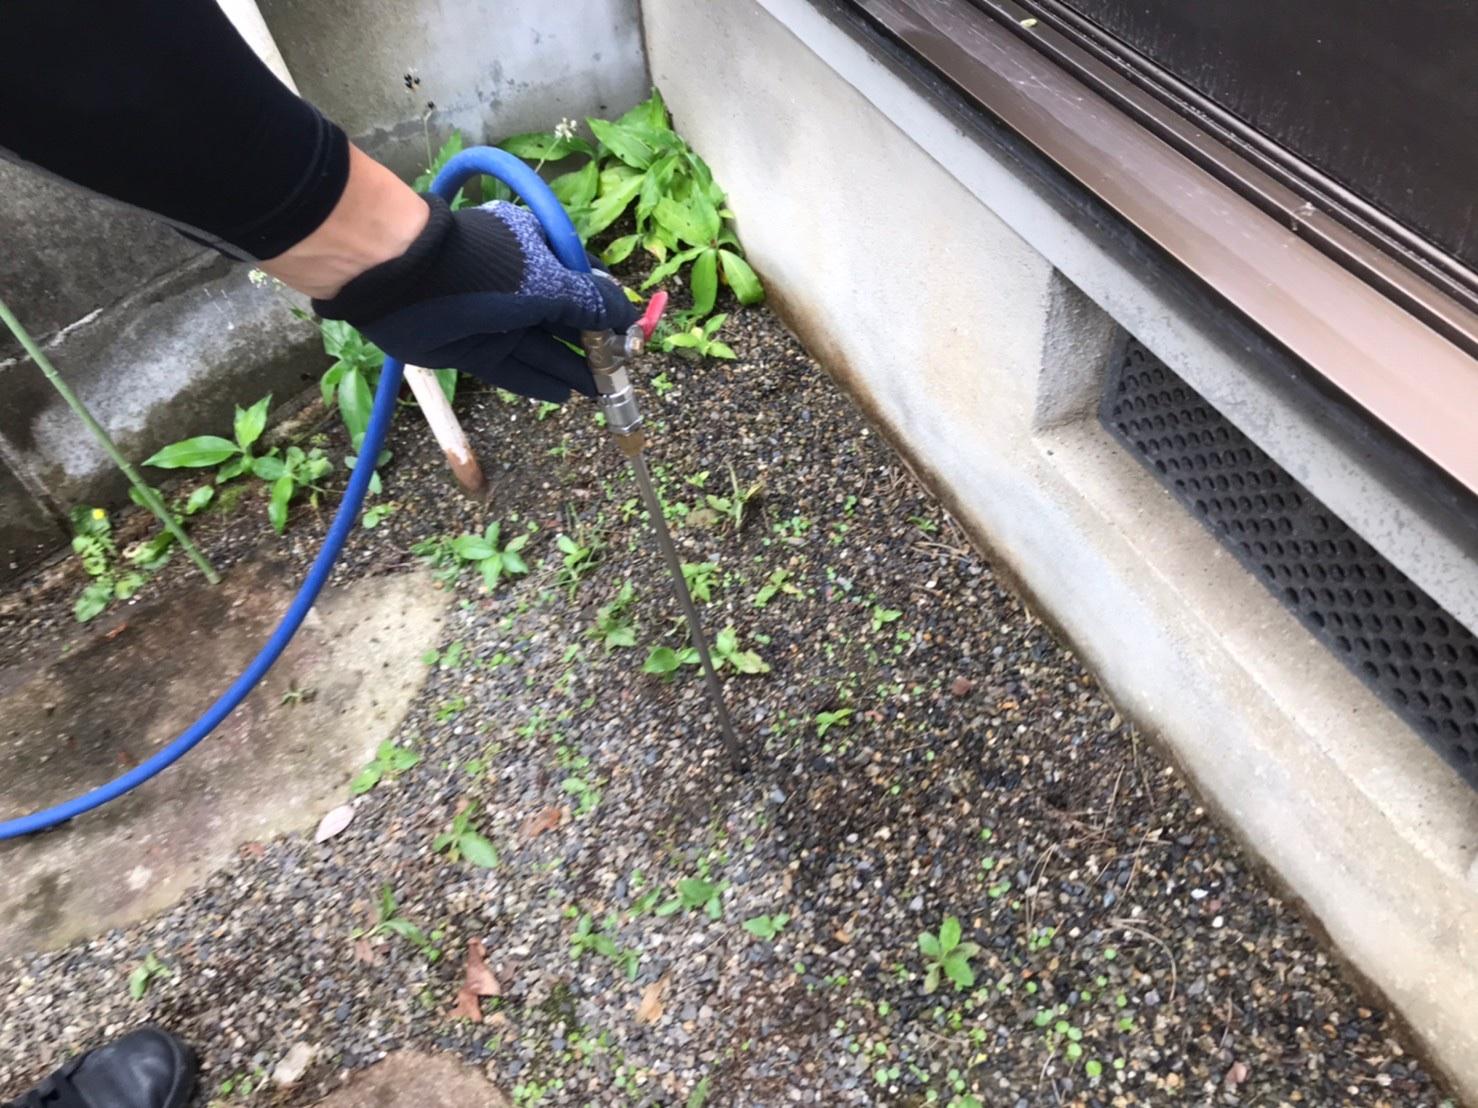 滋賀県アリ駆除、庭の土壌処理剤注入